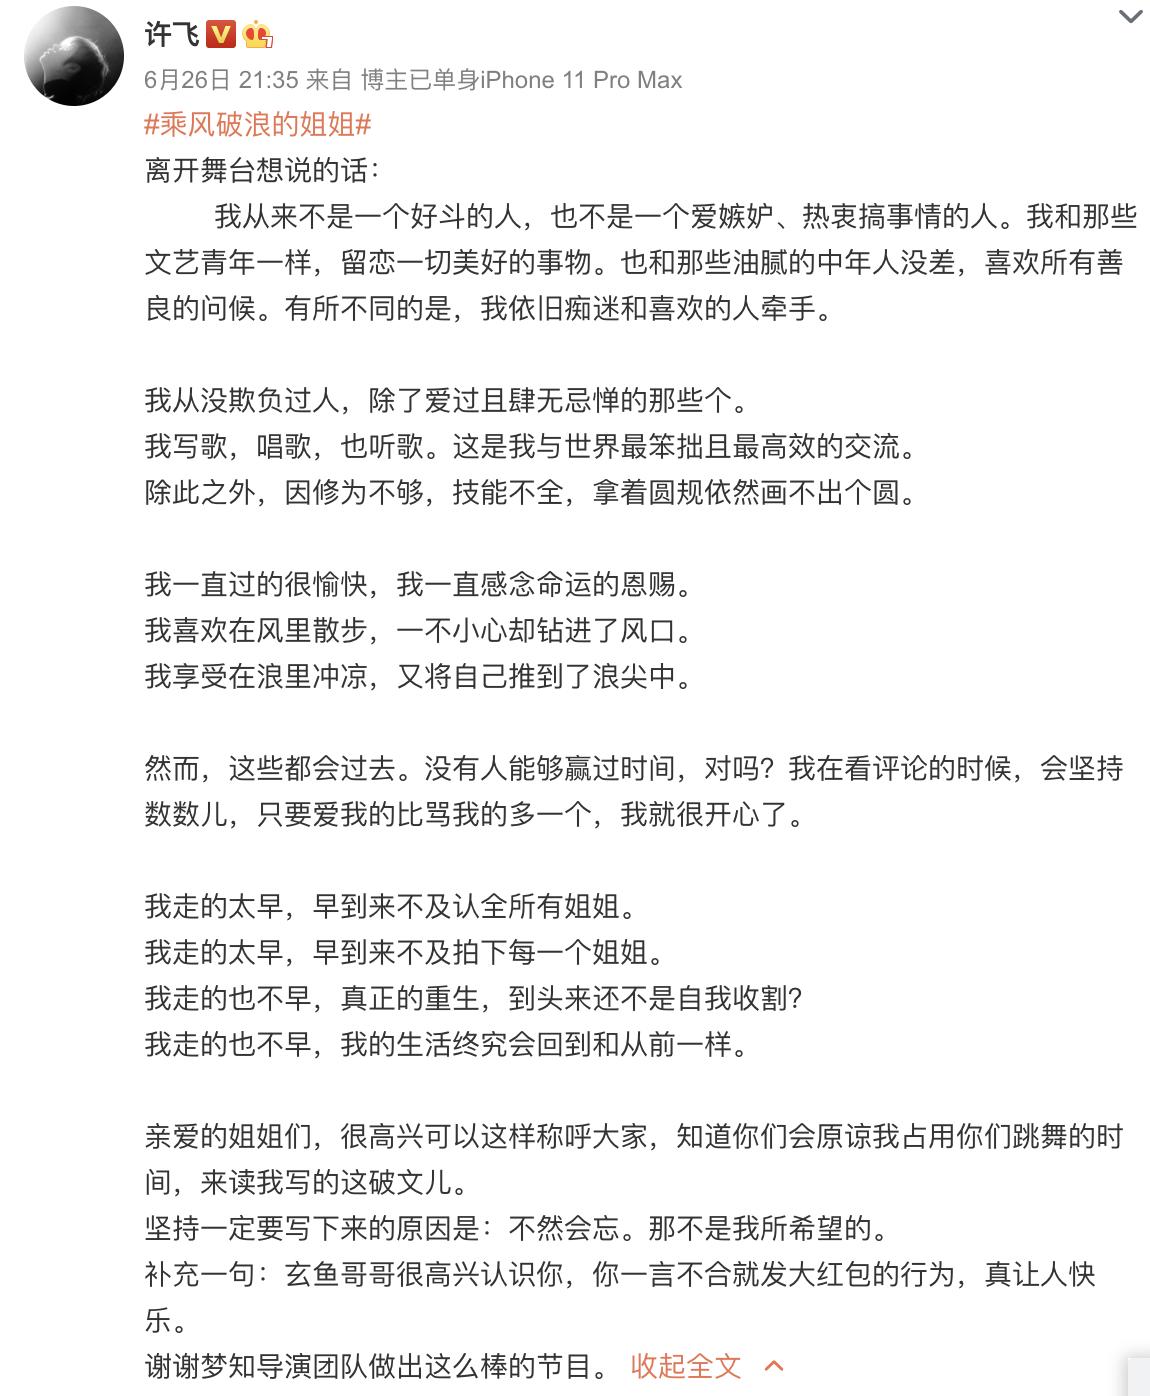 杏悦主管,浪的姐姐发文点赞万茜张杏悦主管雨绮图片